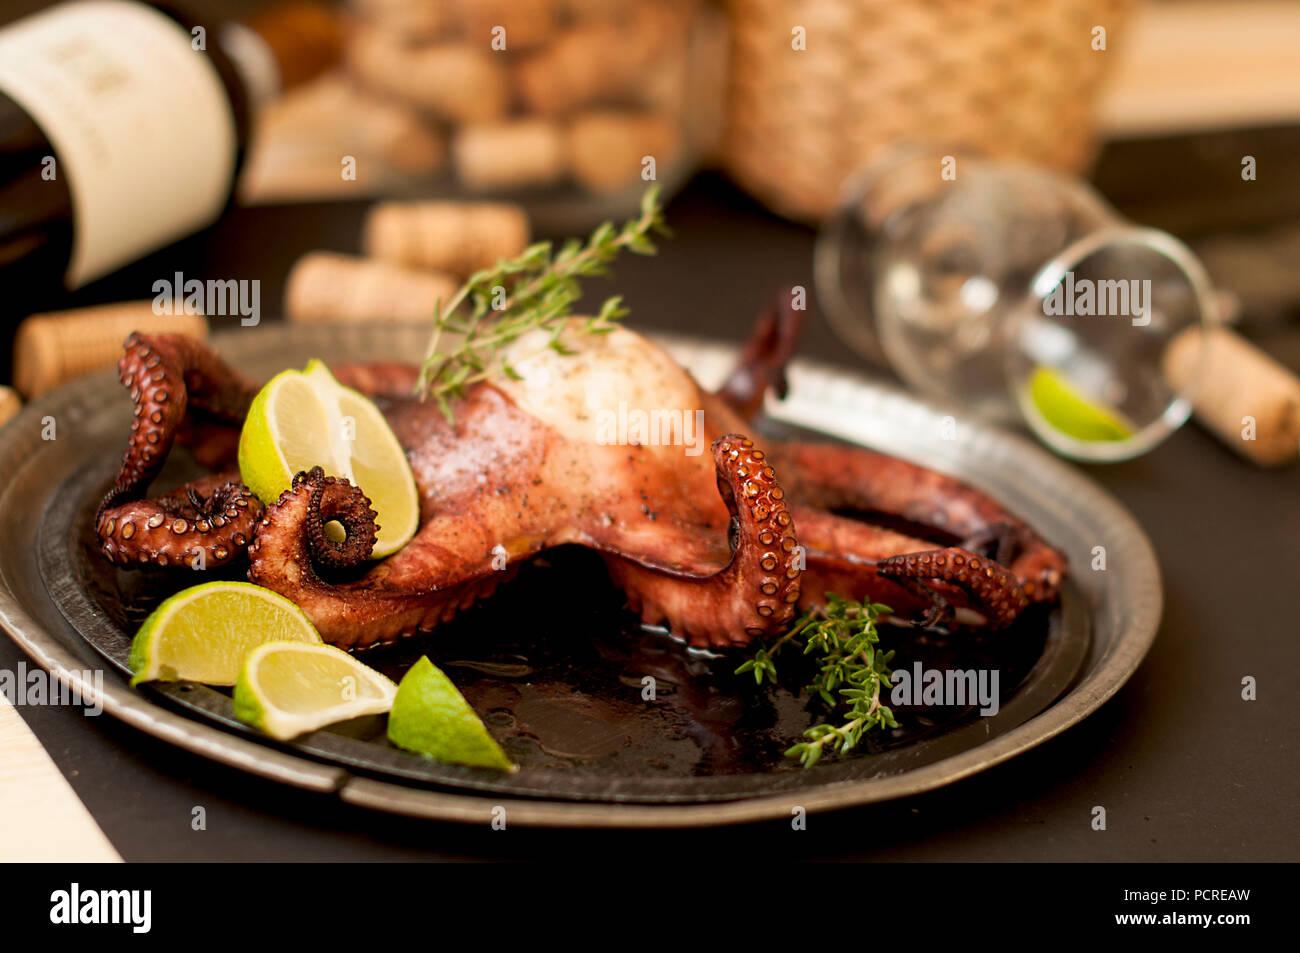 Le poulpe et le vin, la cuisine traditionnelle italienne. La nourriture bonne. Les fruits de mer. Photo Stock